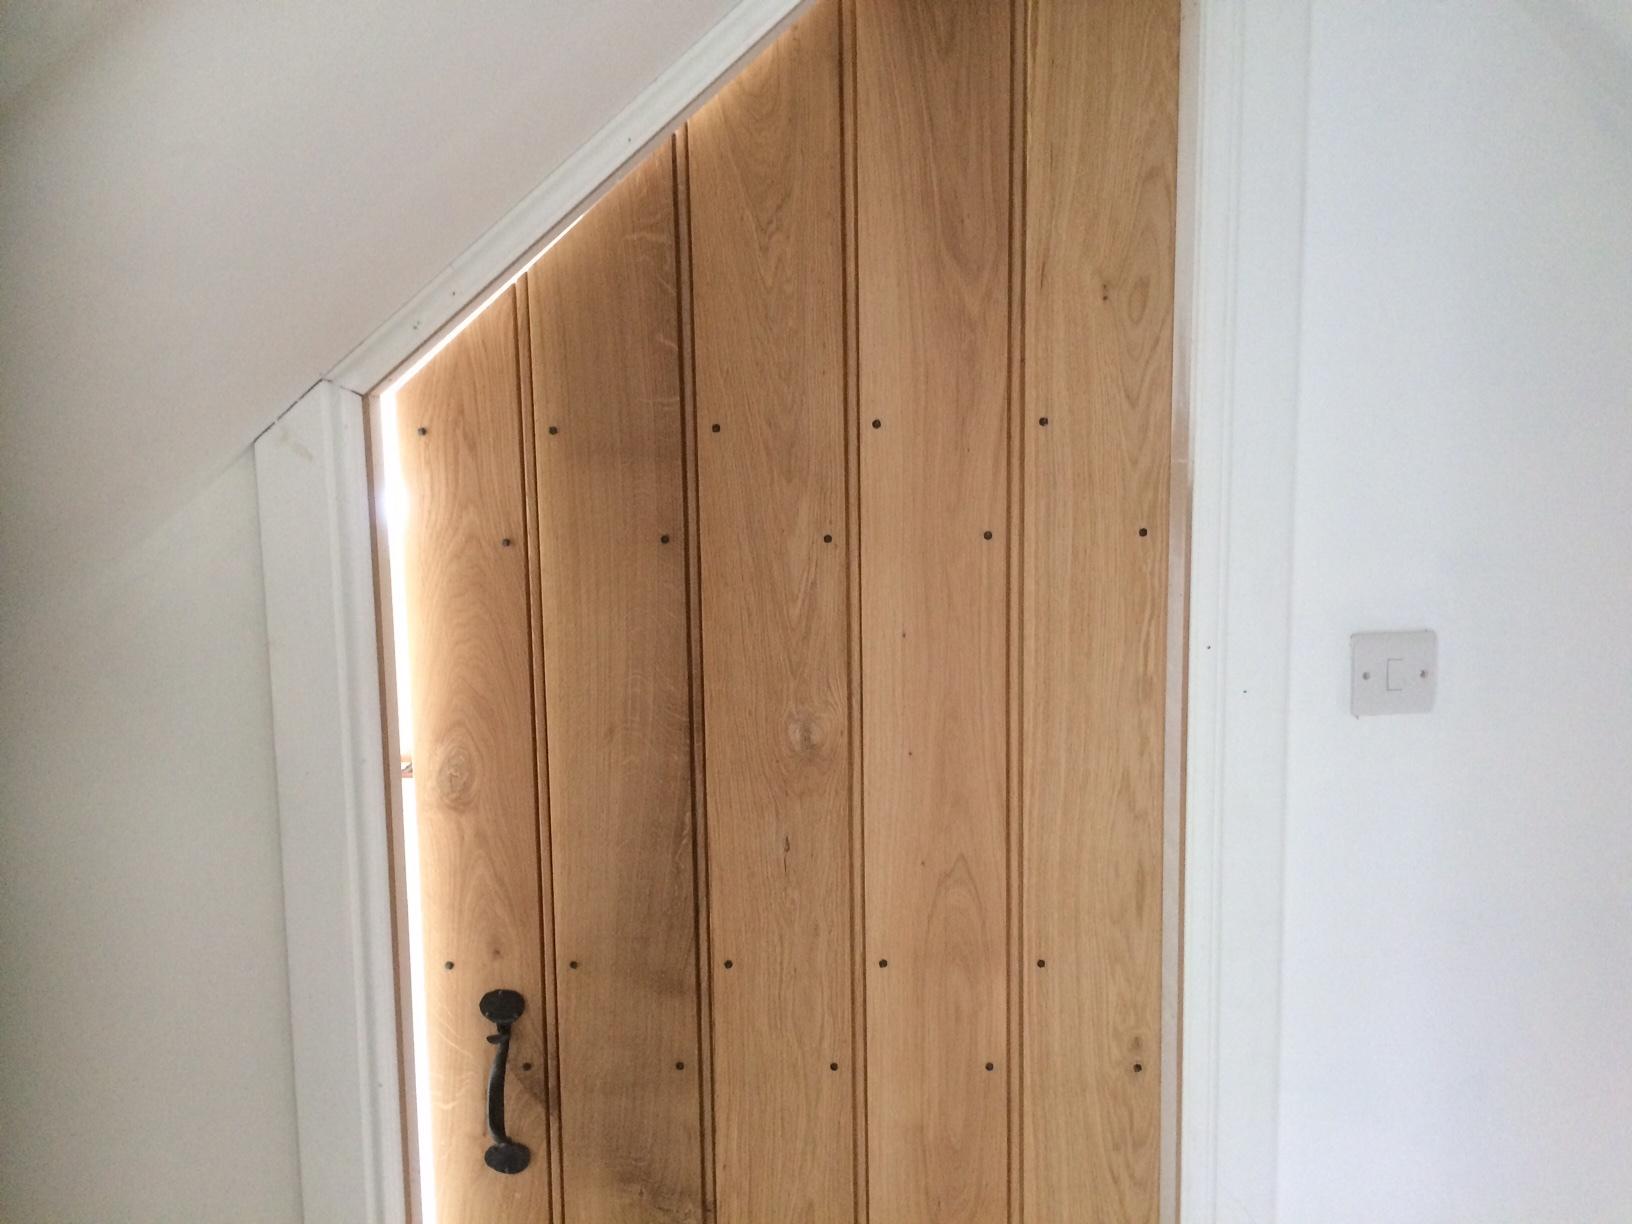 bedroom doors installed